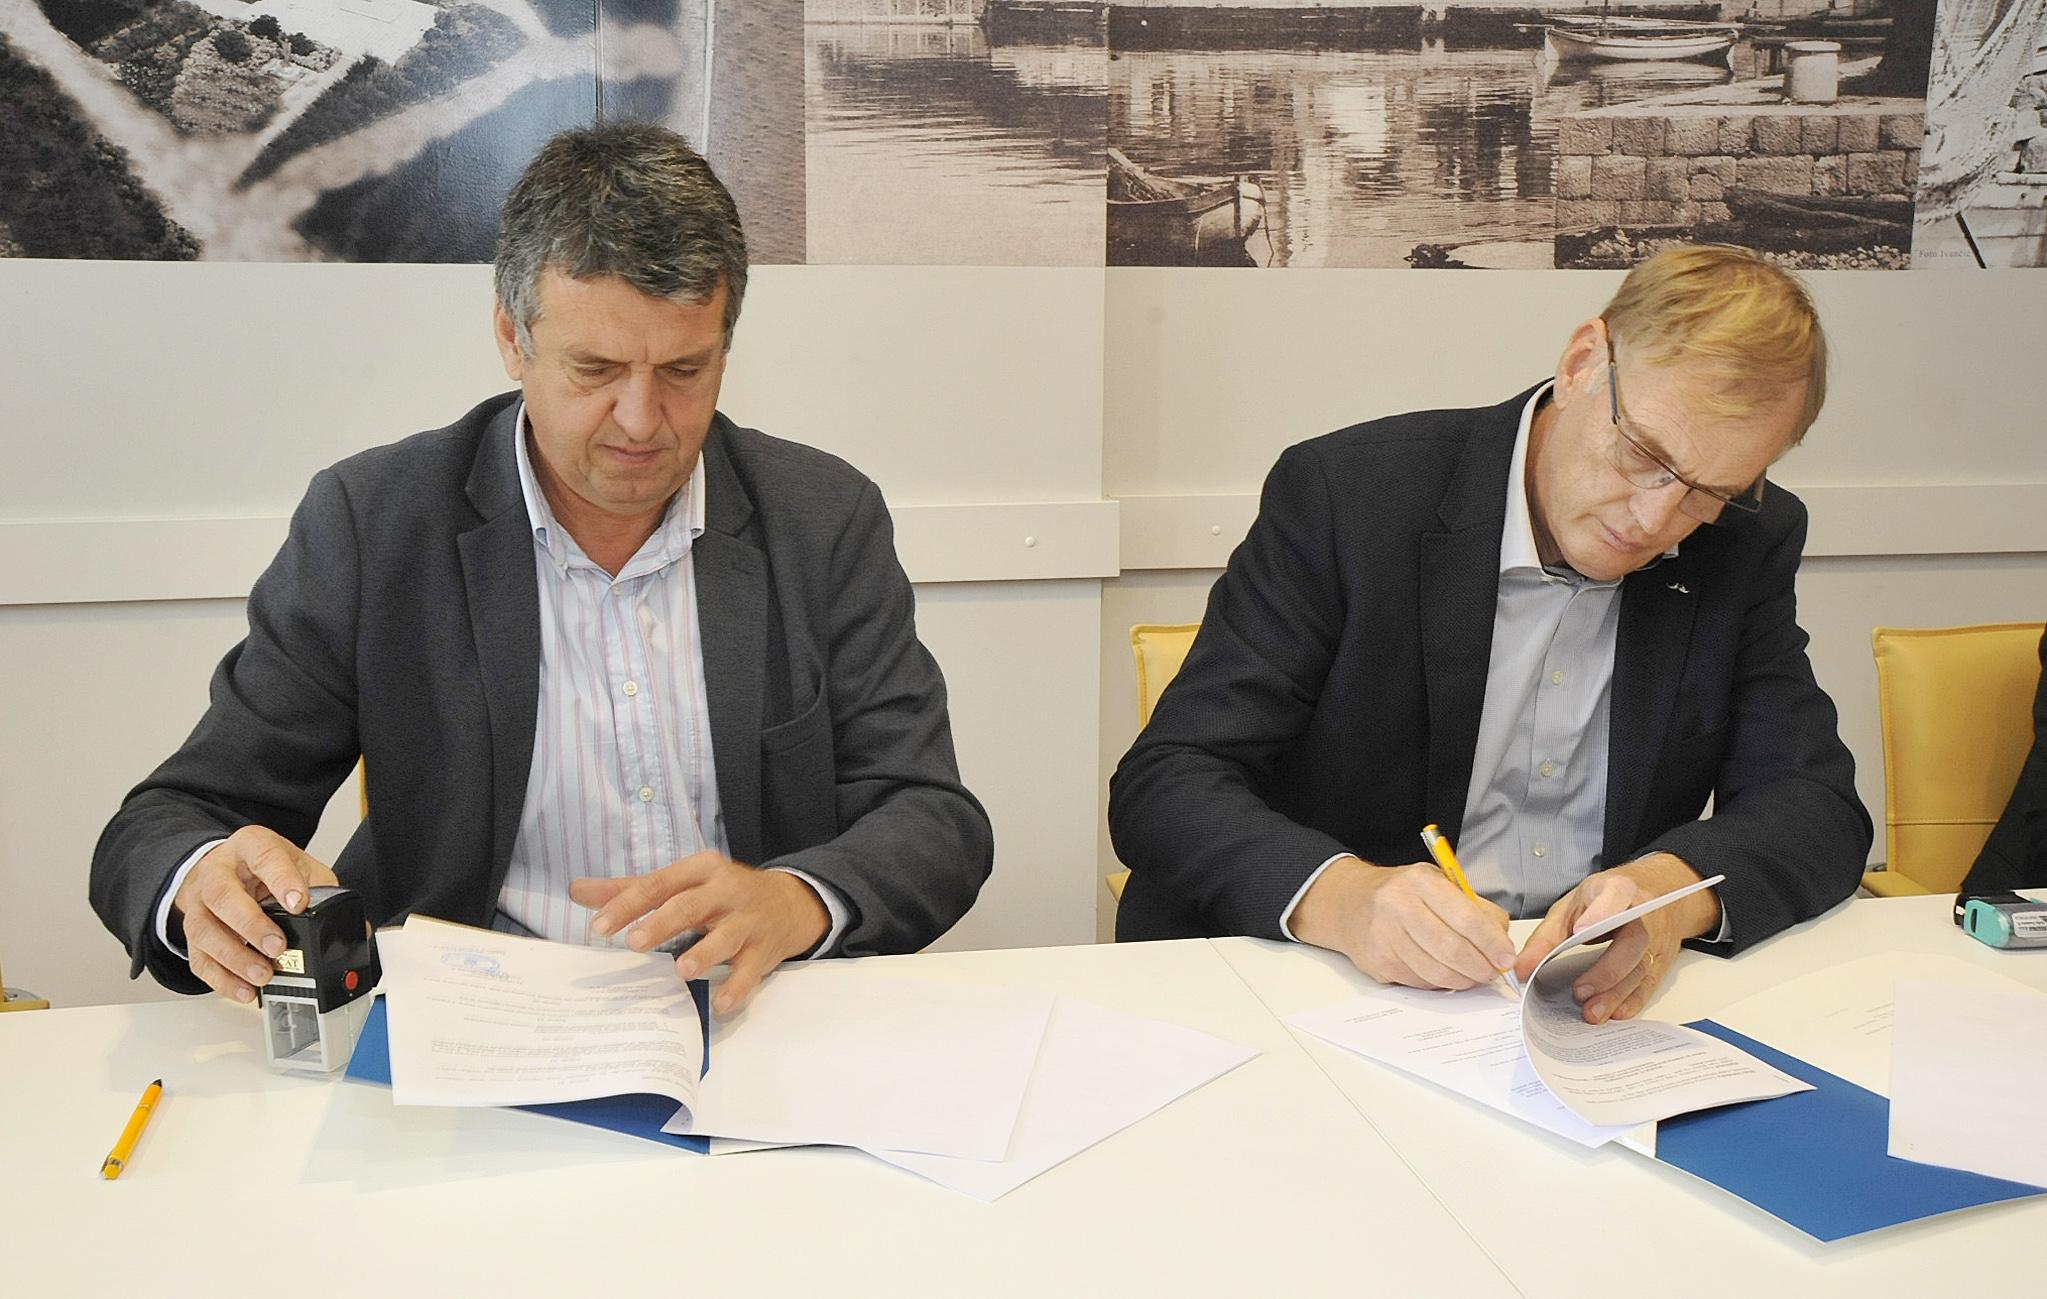 Ugovor vrijedan 9 milijuna kuna potpisali su Damir Rukavina i Arsen Bistričić / Snimio Sergej DRECHSLER